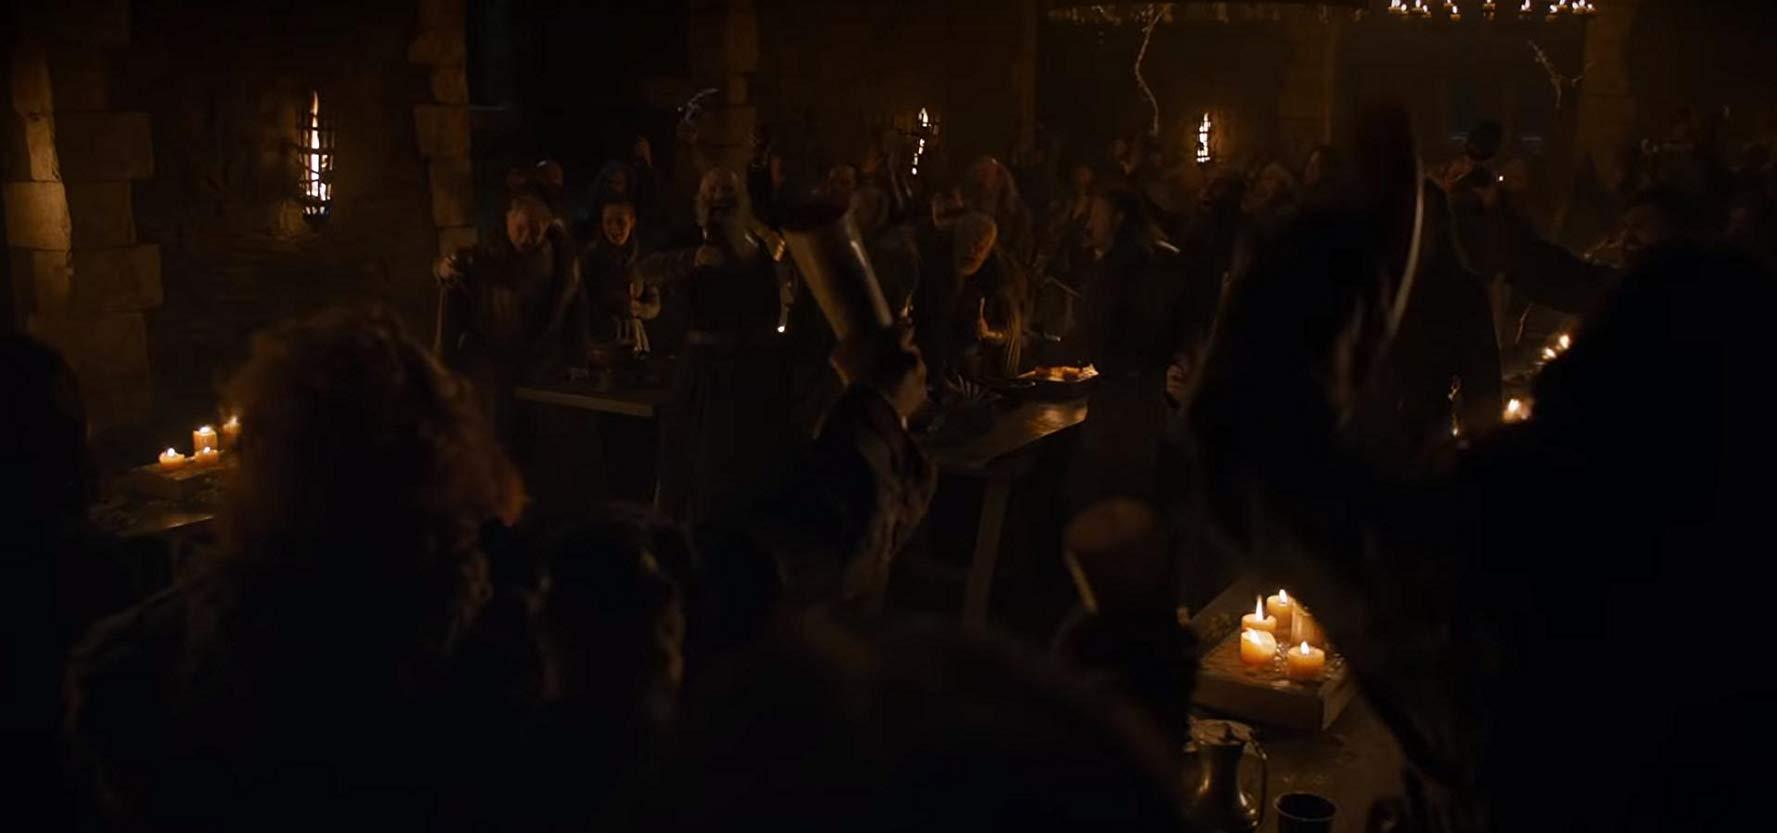 Il trono di spade: una scena del quarto episodio, stagione 8